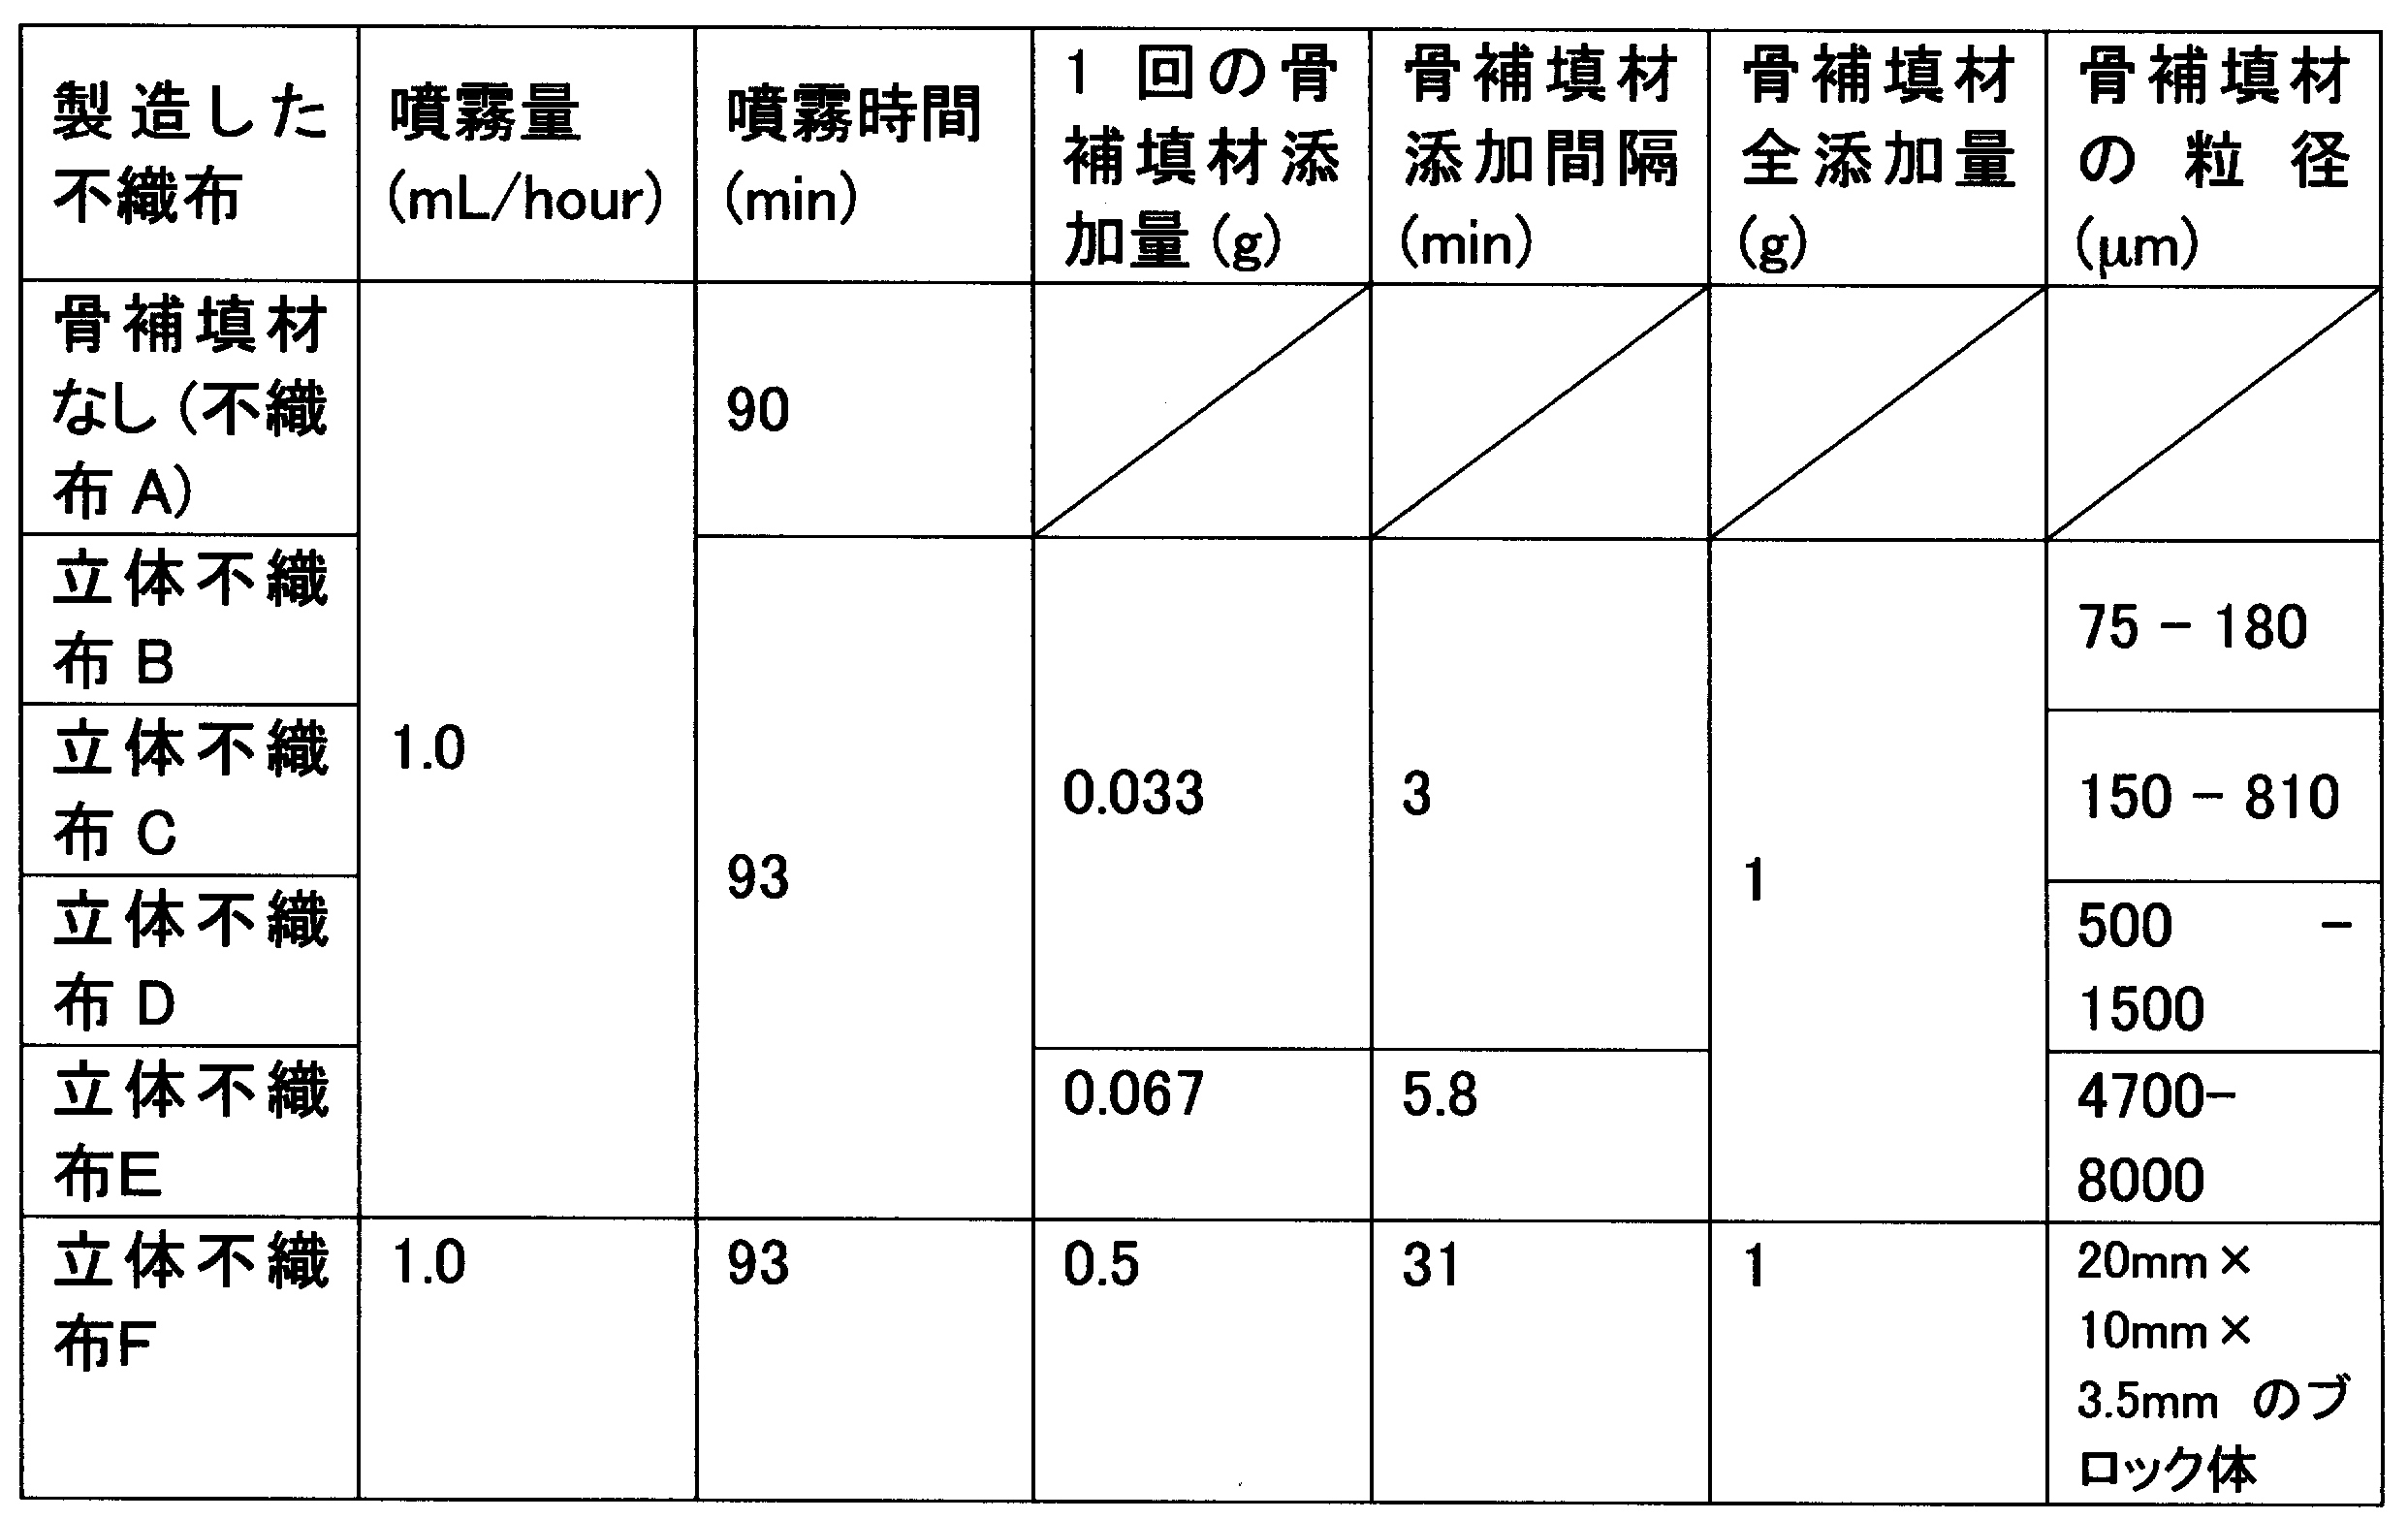 Patent WO2012118090A1 - 骨補填材含有不織布 - Google Patents